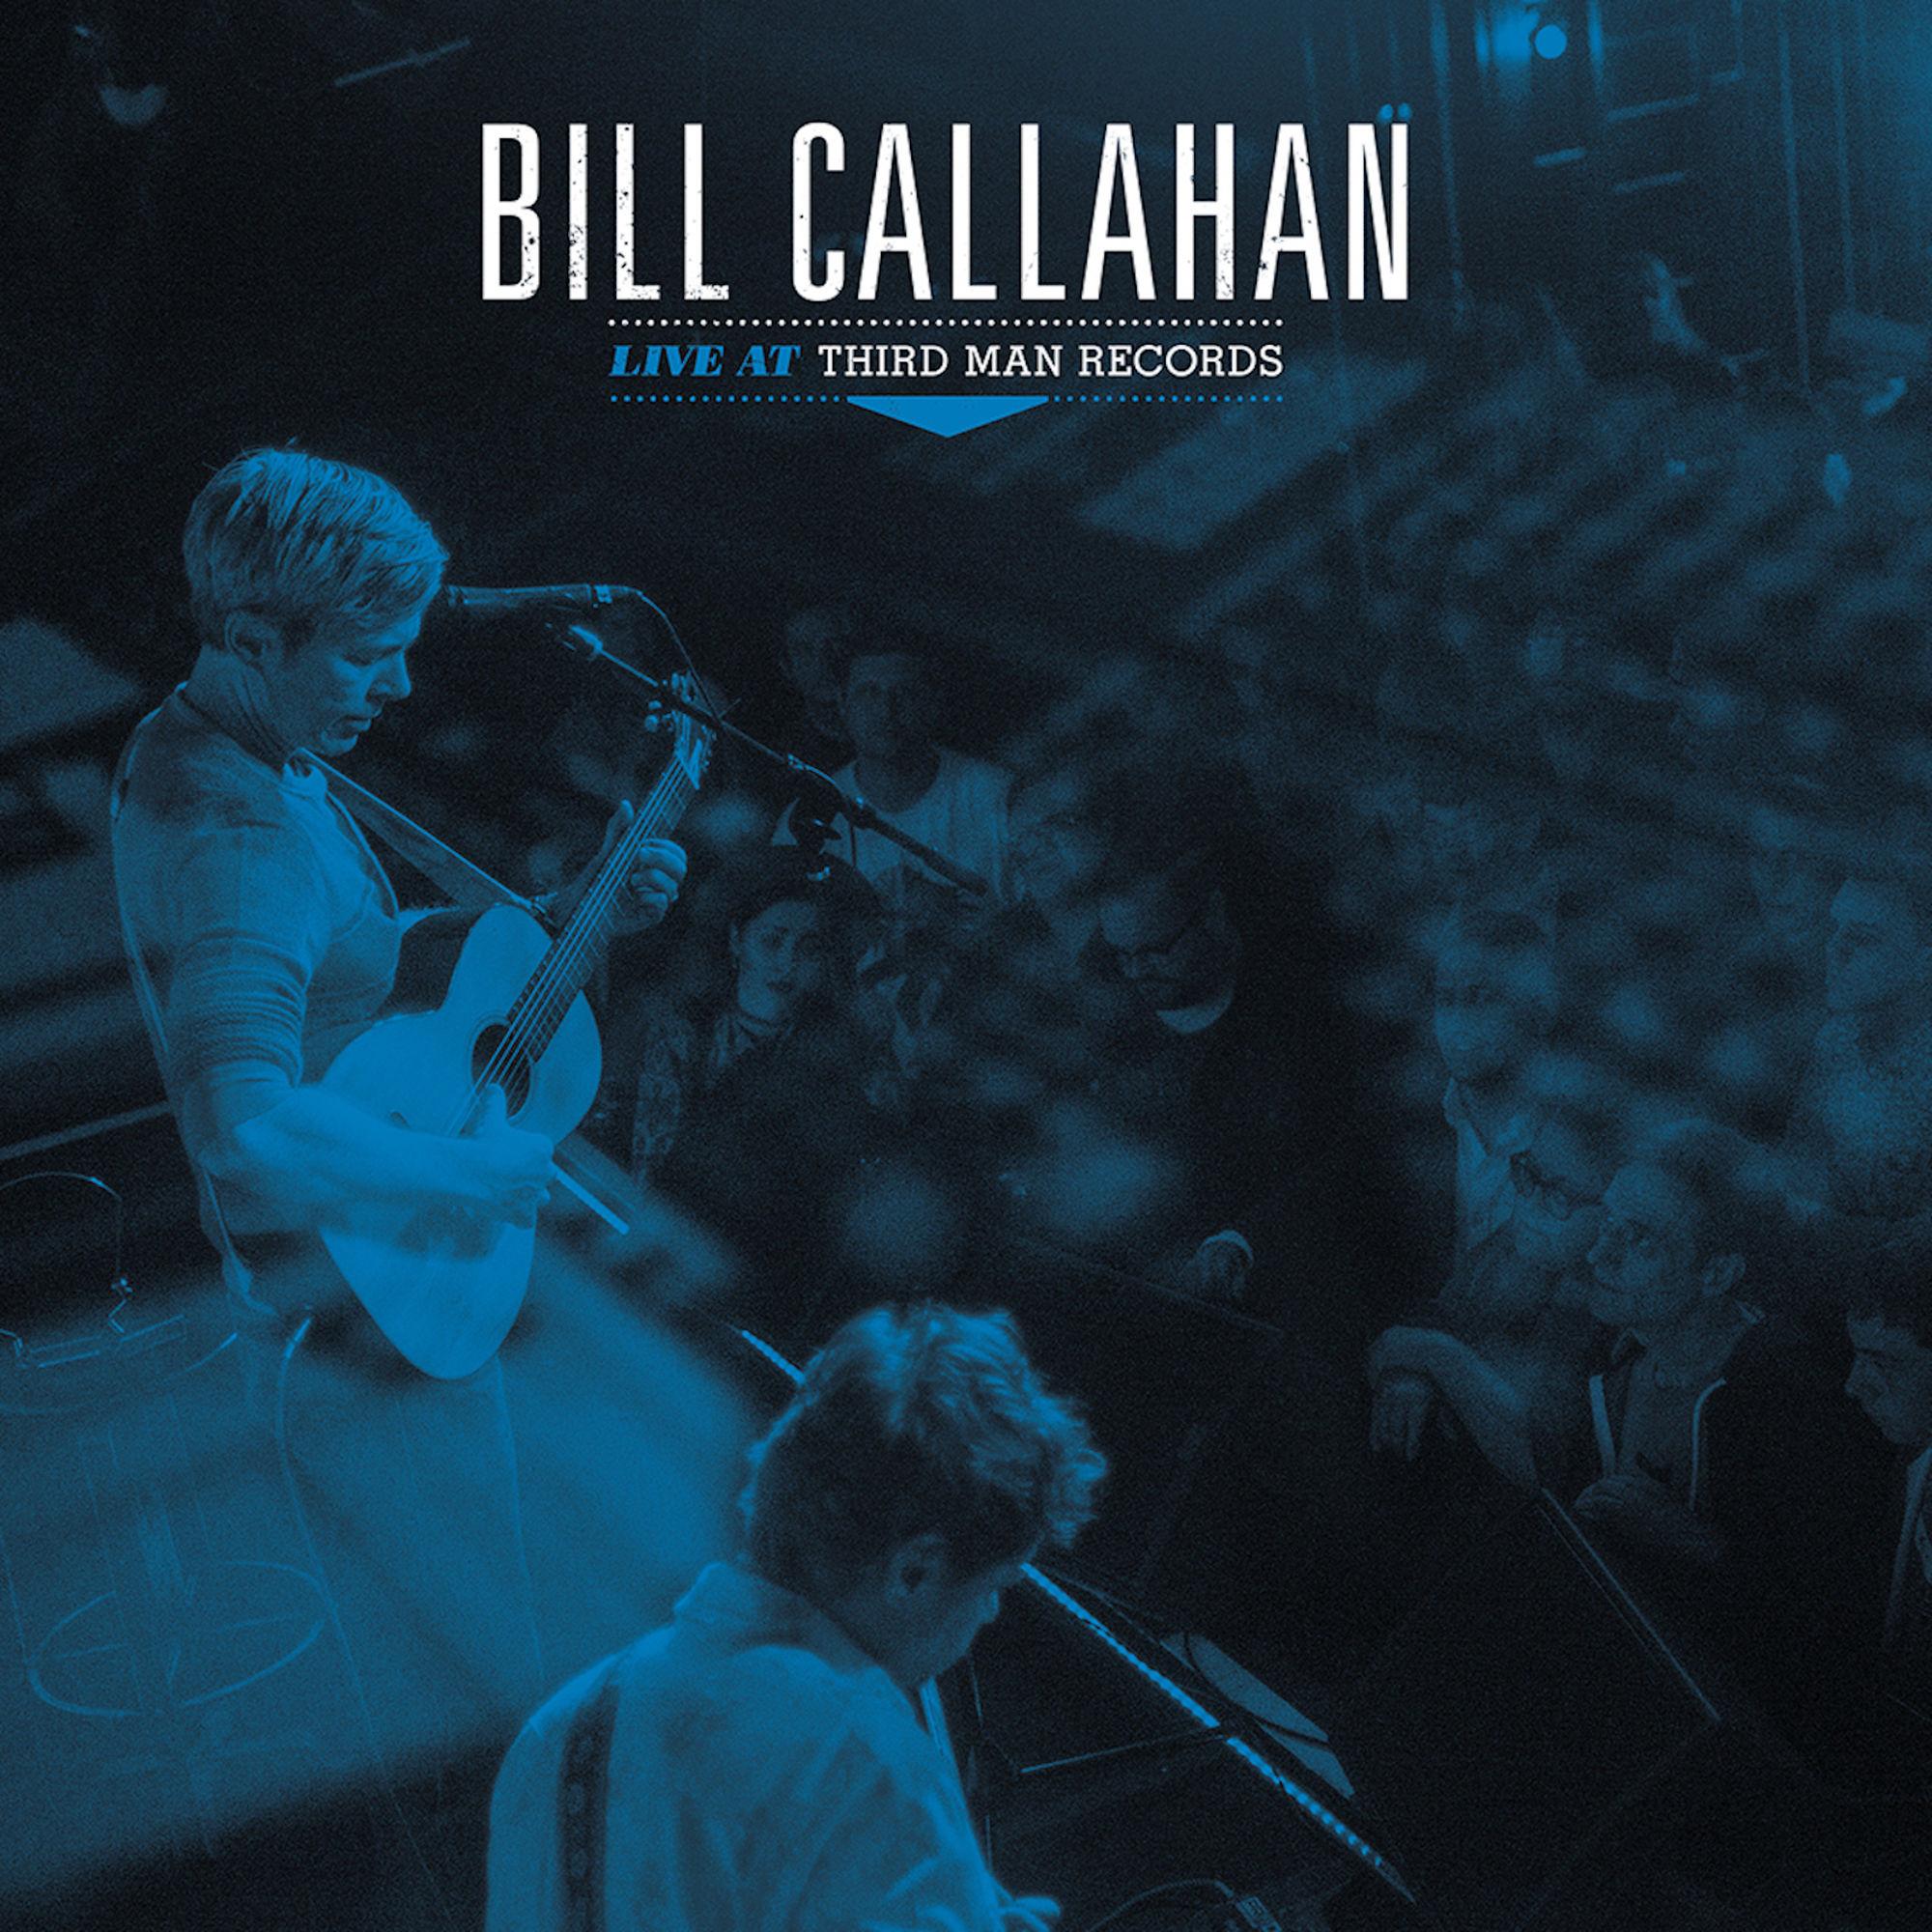 Bill Callahan Live at Third Man Records |